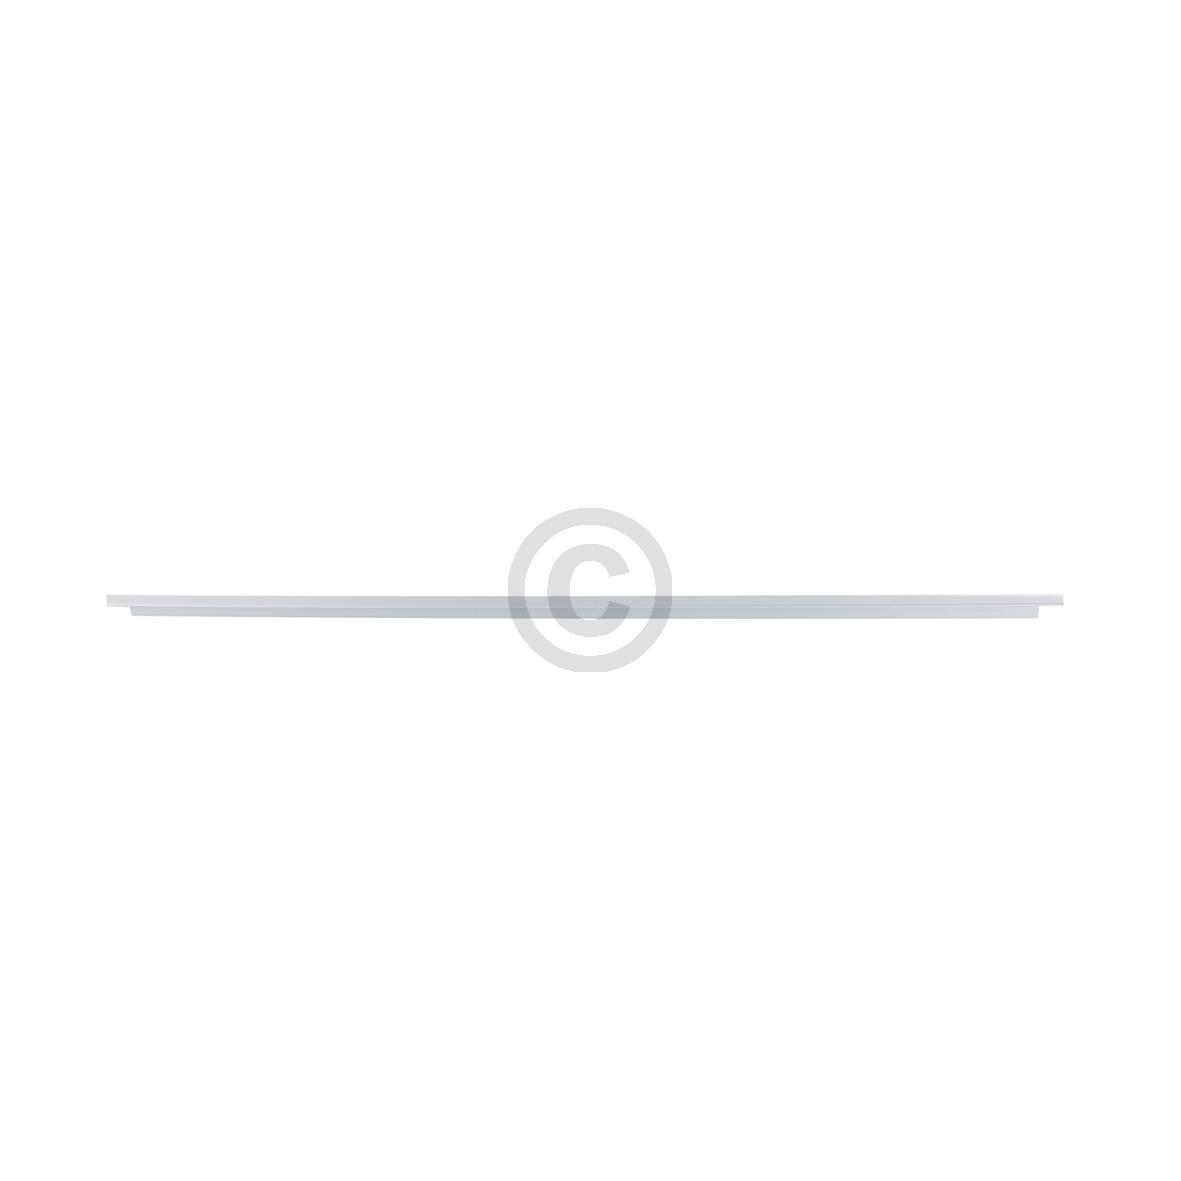 Leiste Bosch 00298550 oben Türdichtung Behälter für Geschirrspüler 426595